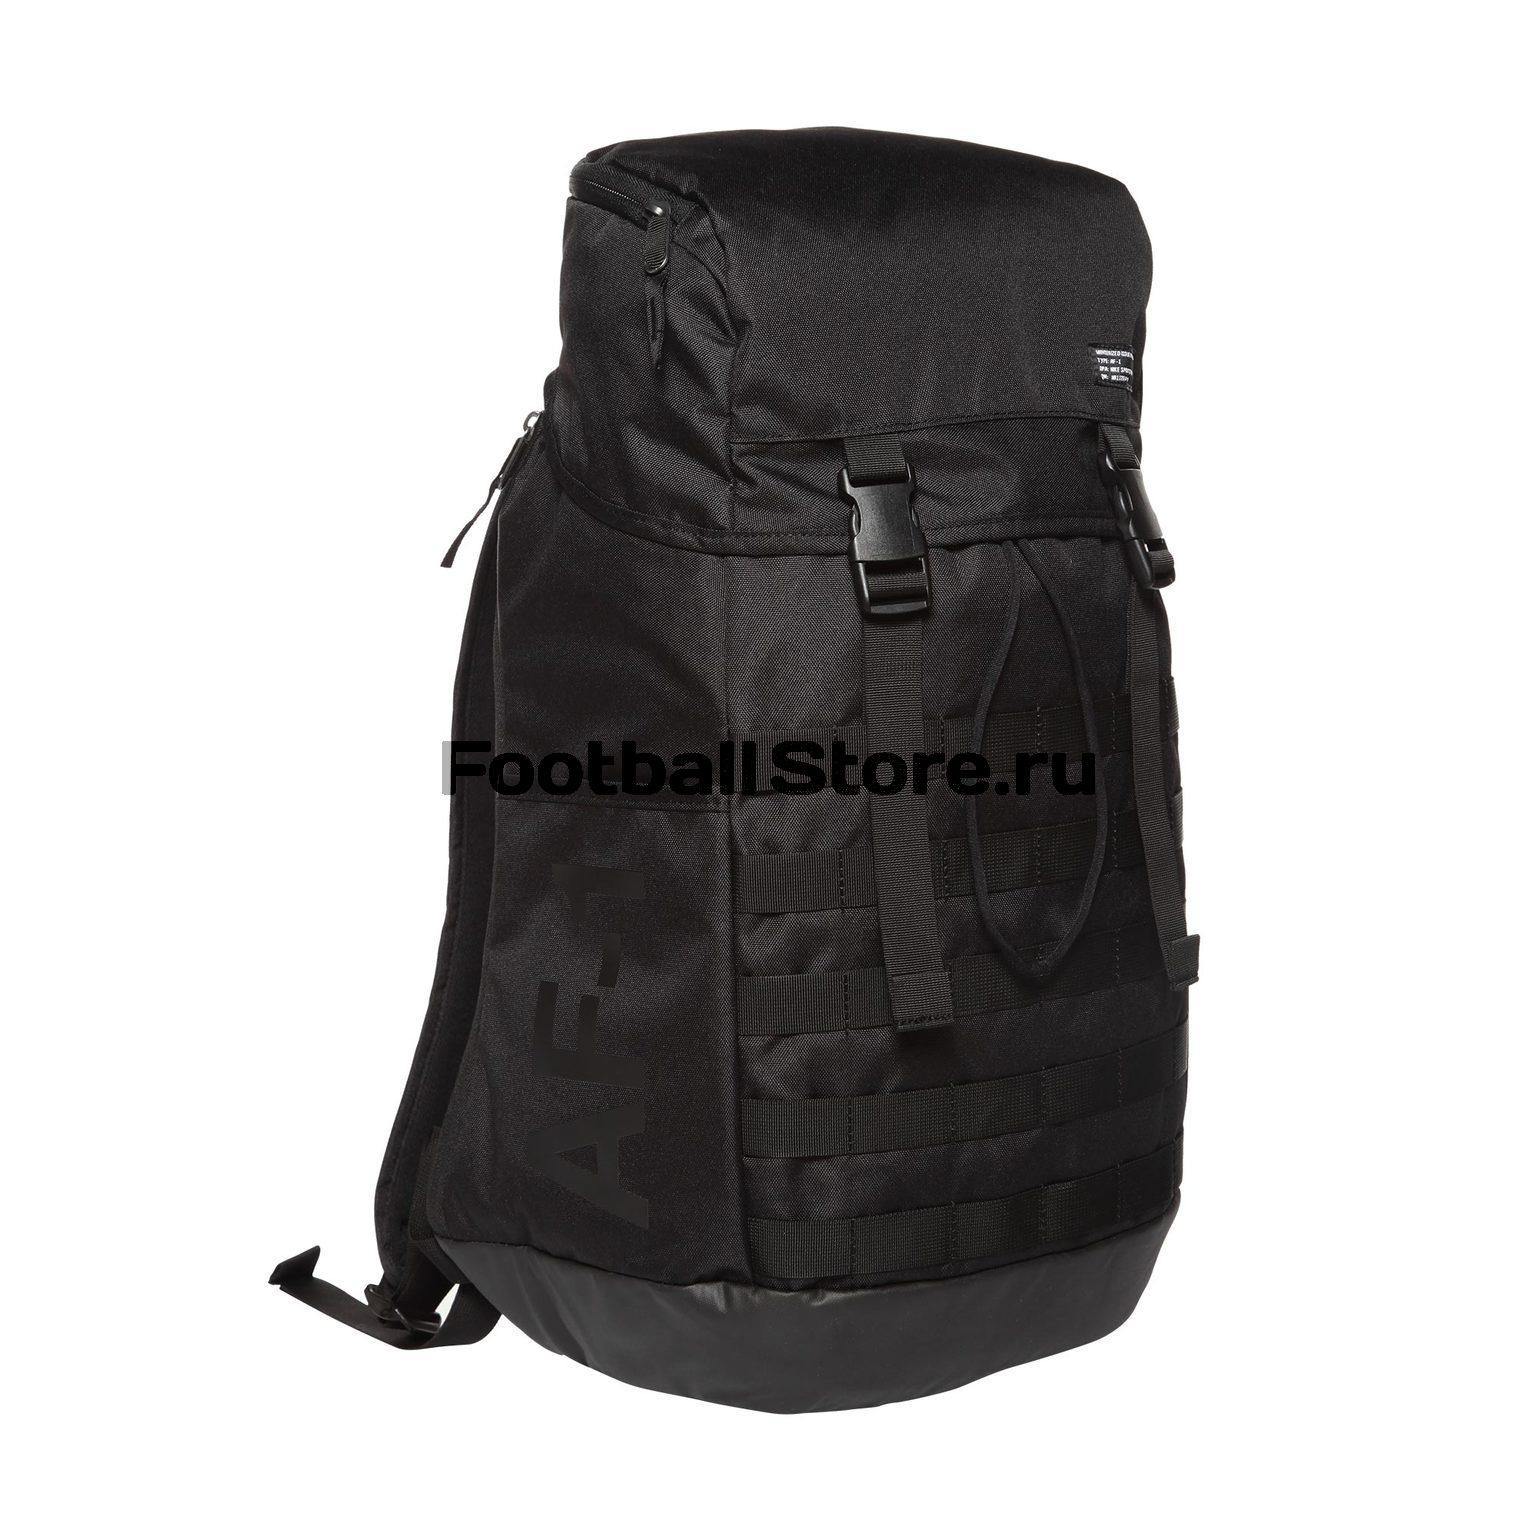 Рюкзак Nike AF-1 Backpack BA5731-010 рюкзак детский nike brasilia backpack ba5473 480